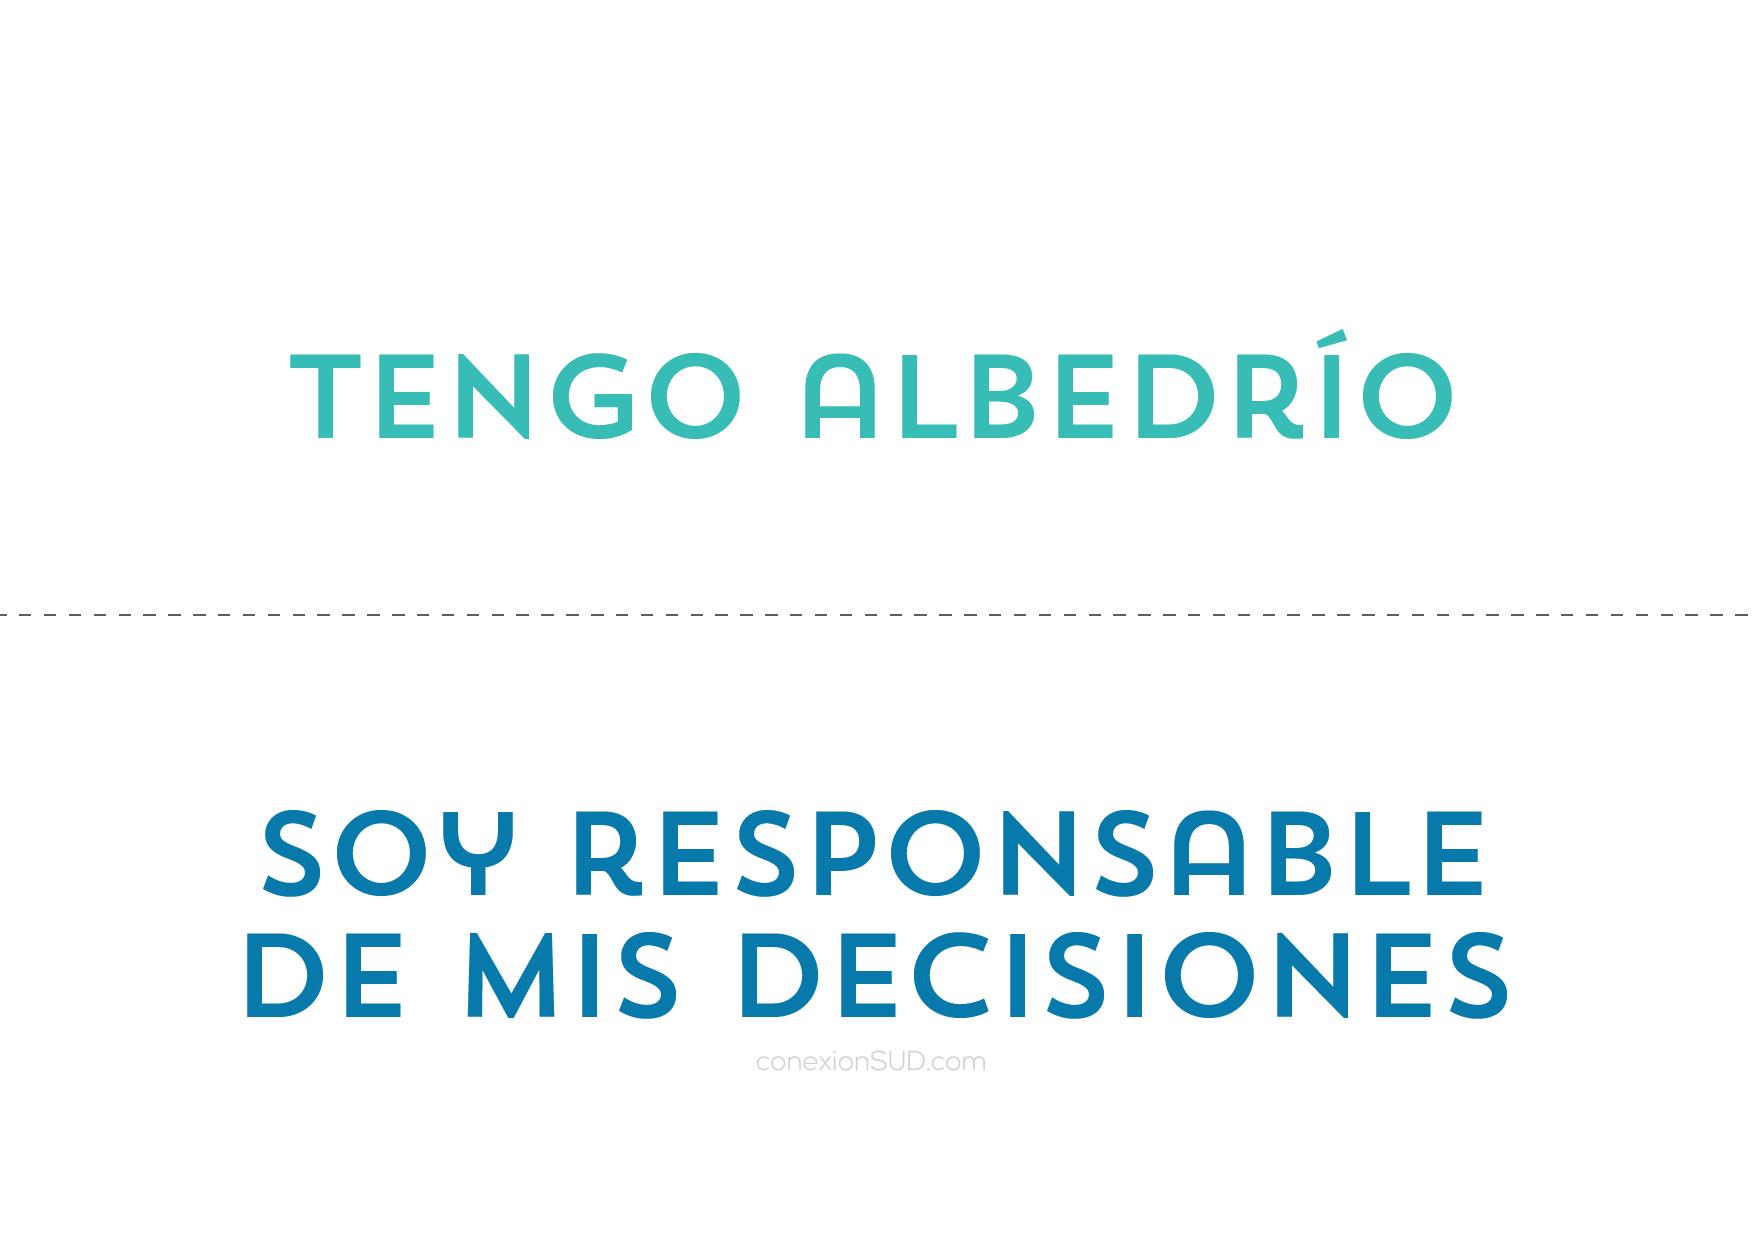 Tengo albedrio y soy responsable de mis decisiones_ConexionSUD-04